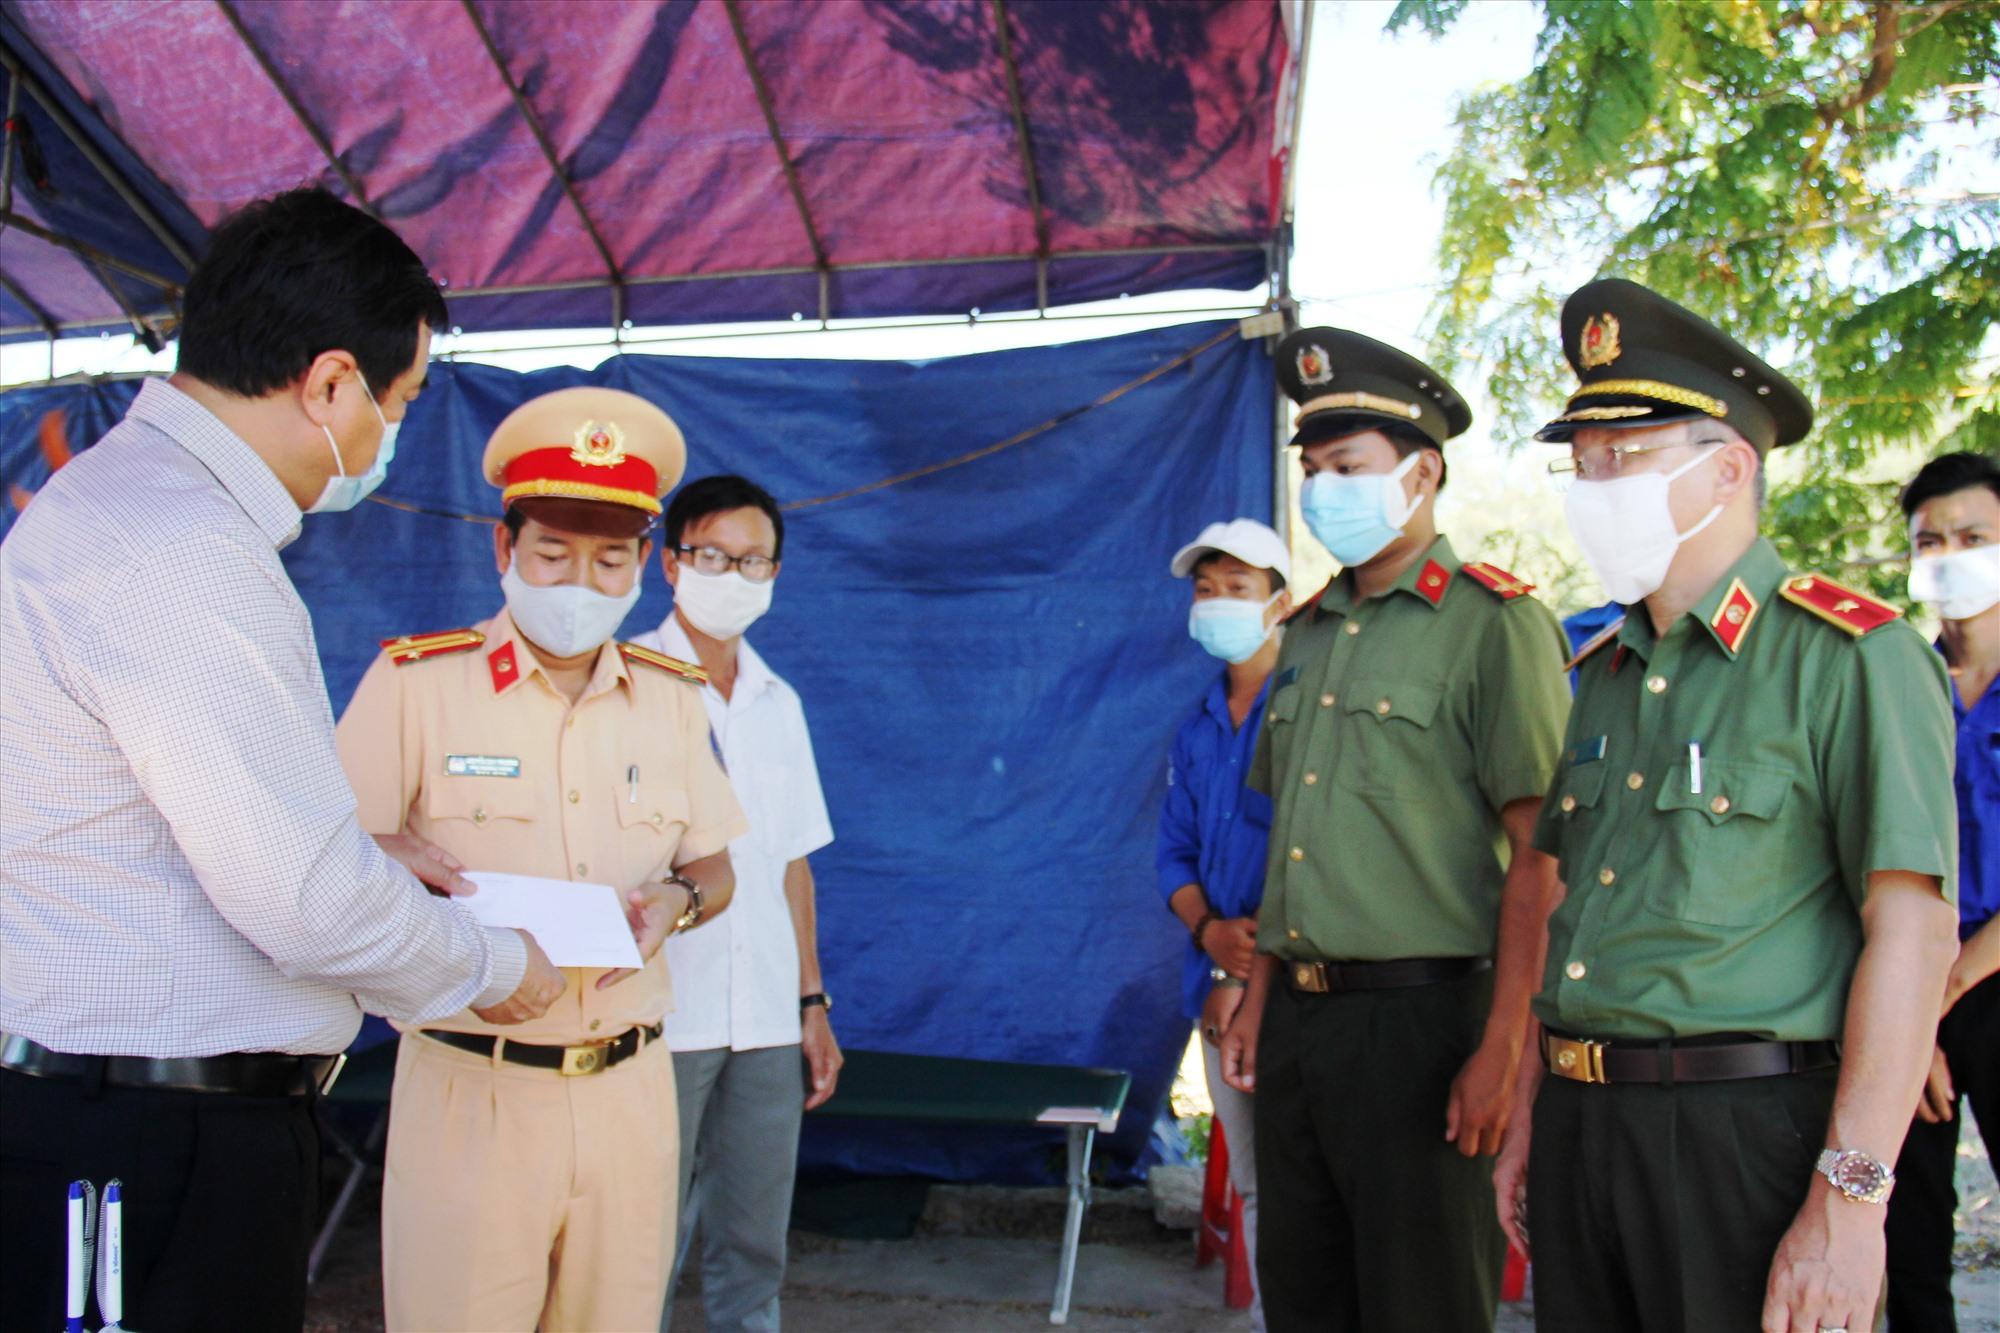 Đồng chí Phan Việt Cường trao quà động viên các chiến sĩ làm nhiệm vụ. Ảnh: A.N